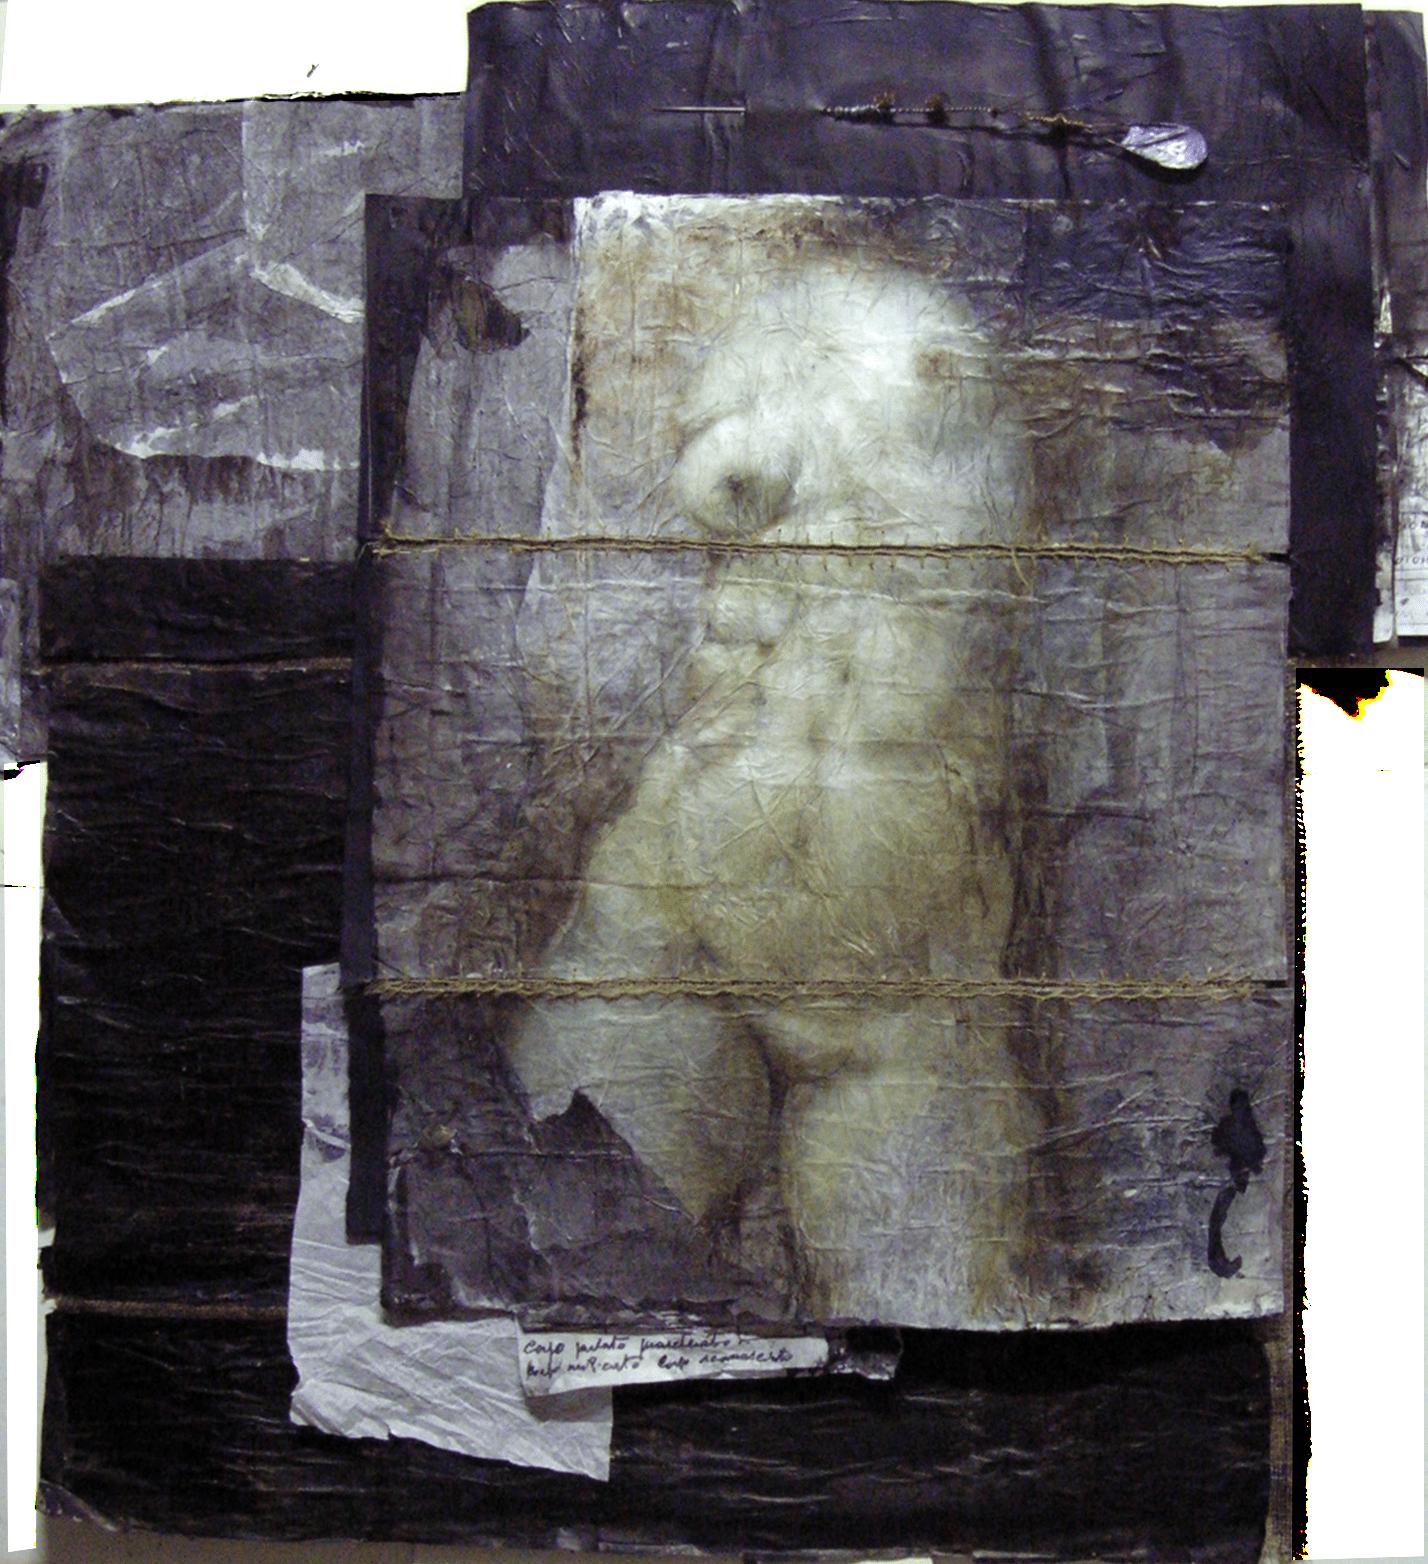 pagine-2014-olioinchiostri-e-acrilico-su-carte-pressate-cm-100x100-circa